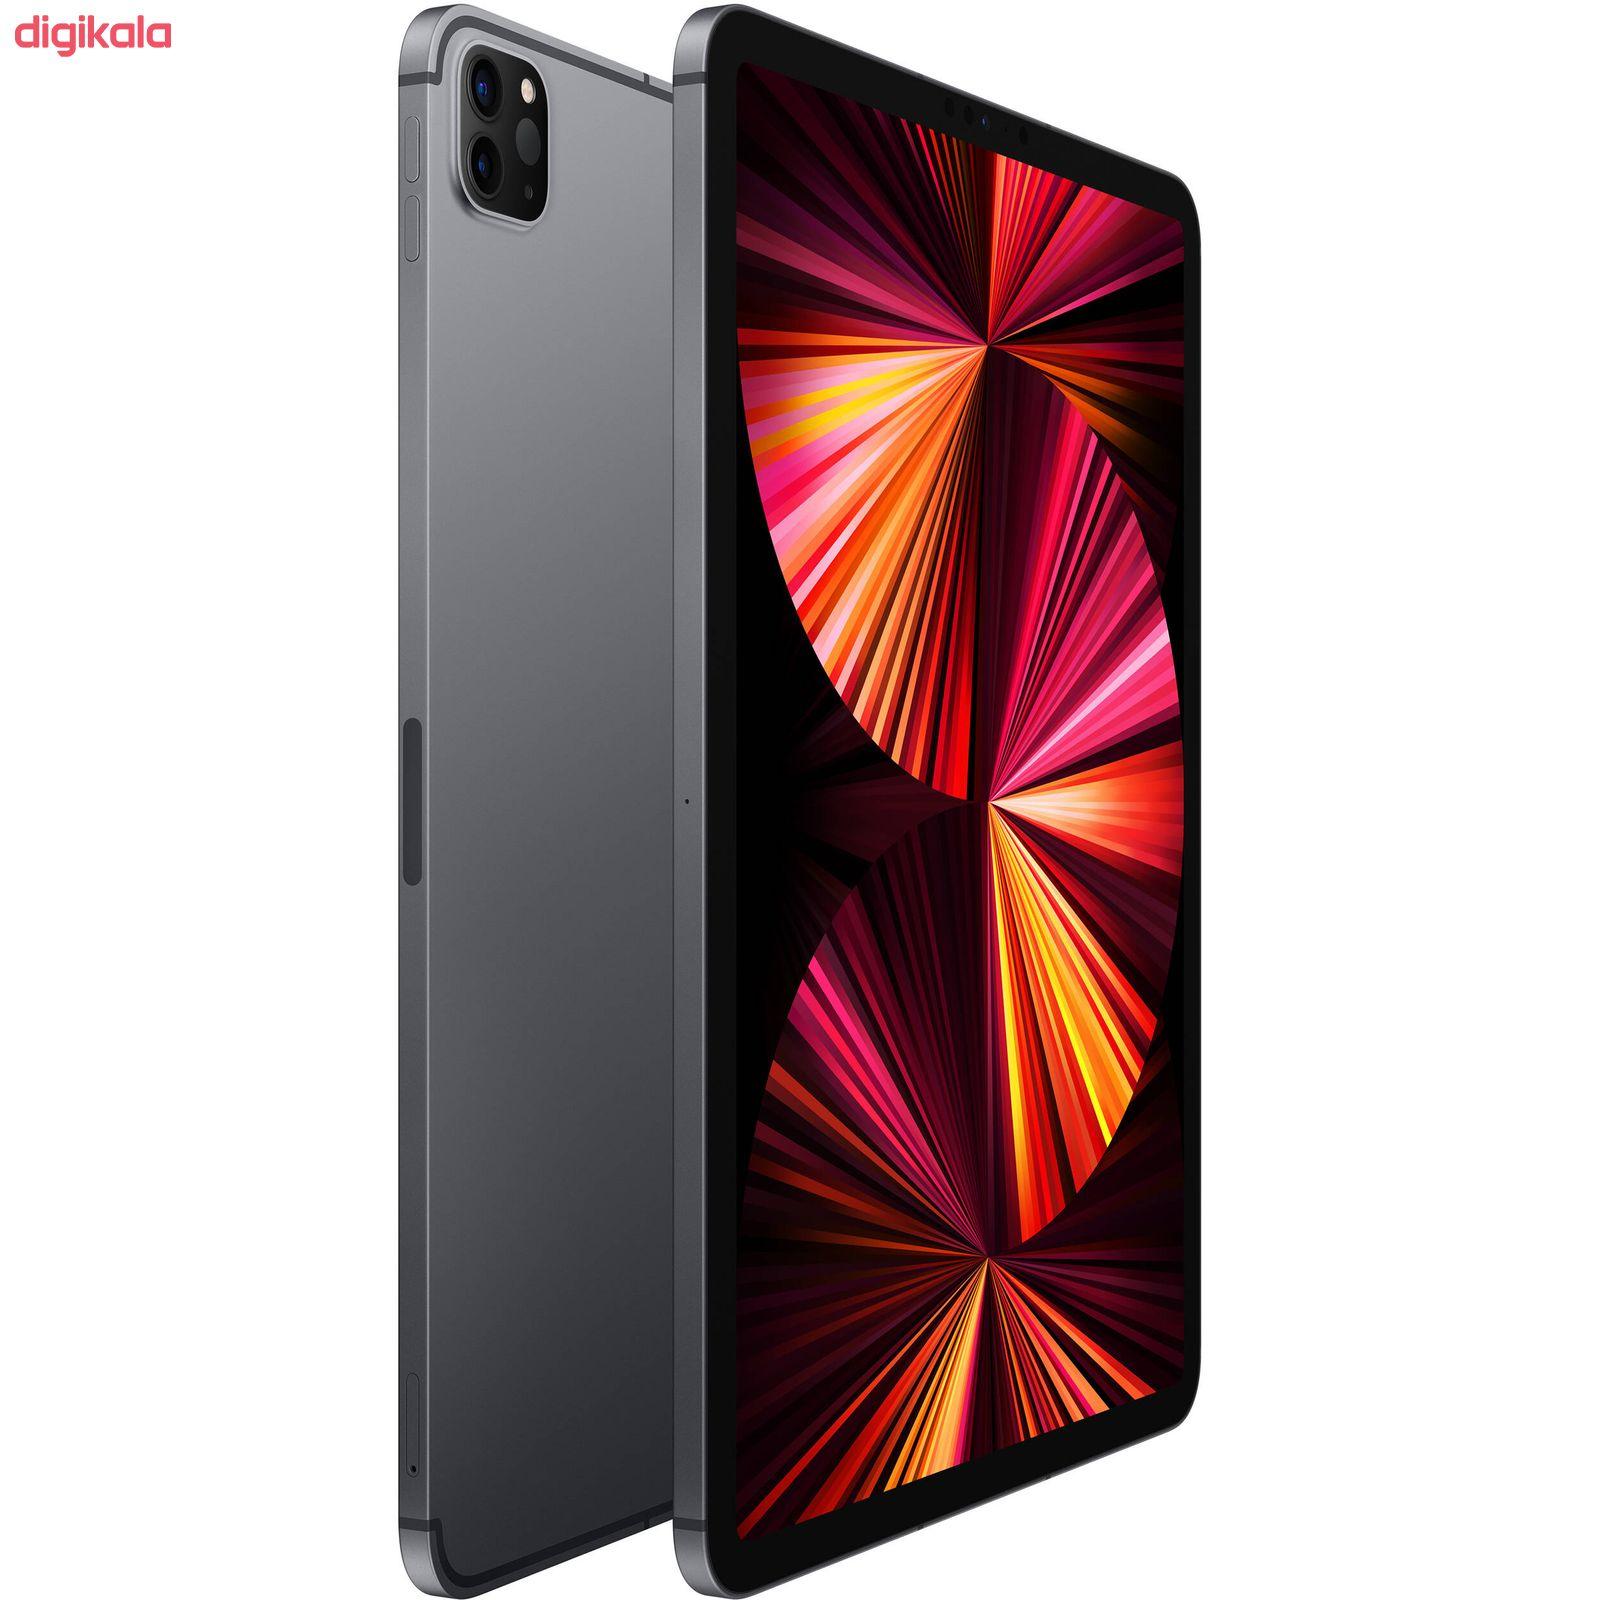 تبلت اپل مدل iPad Pro 11 inch 2021 WiFi ظرفیت 256 گیگابایت main 1 2